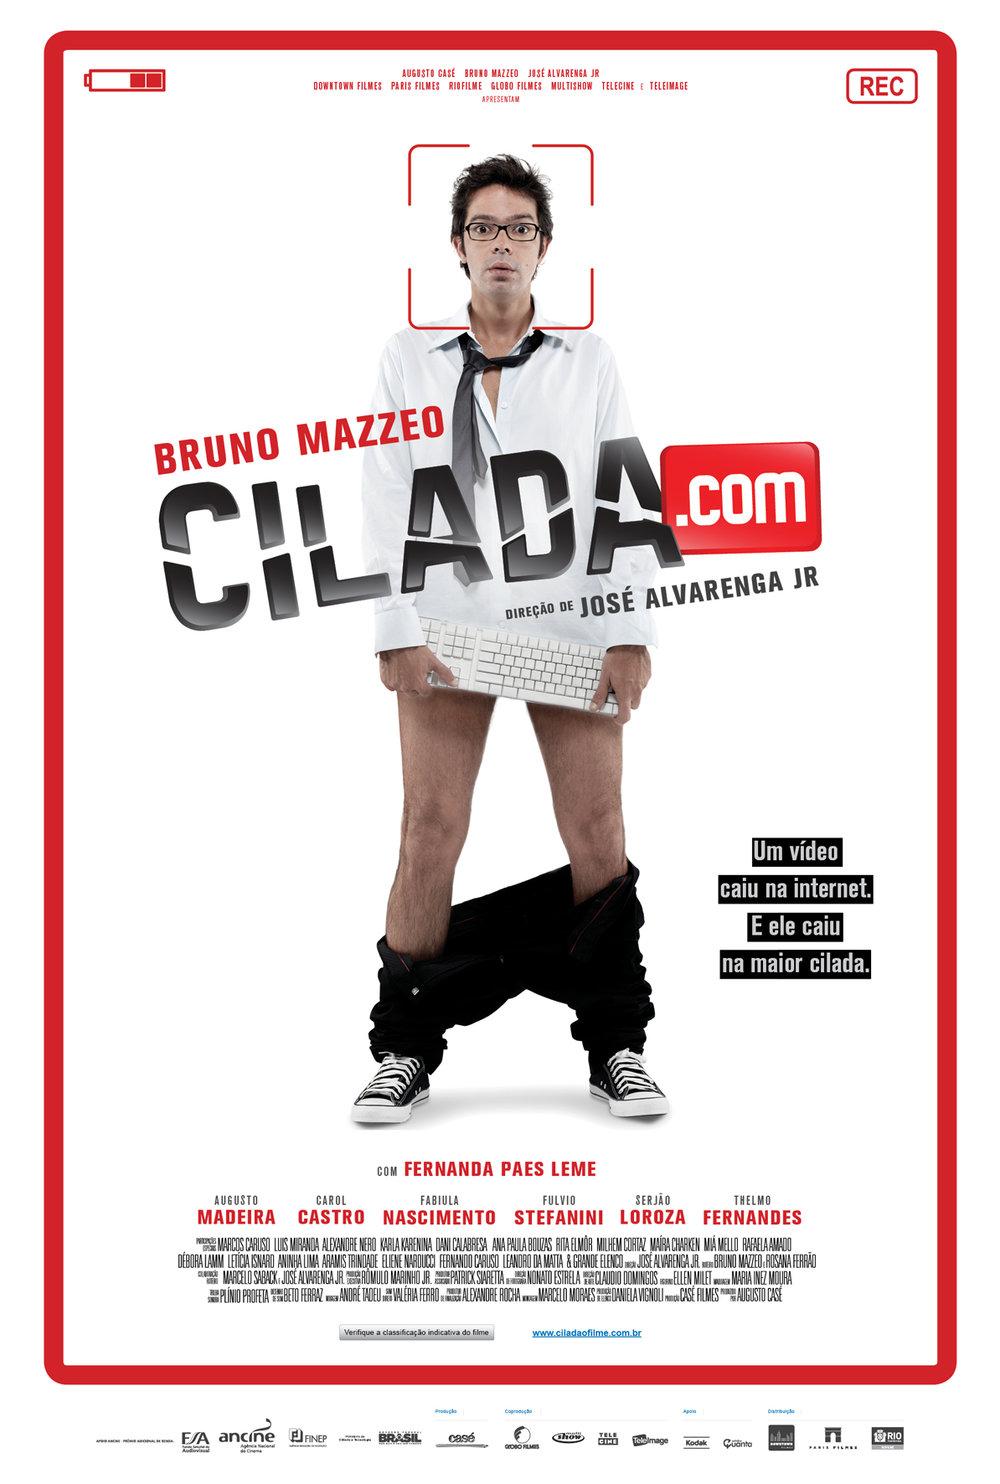 cilada.com.jpg